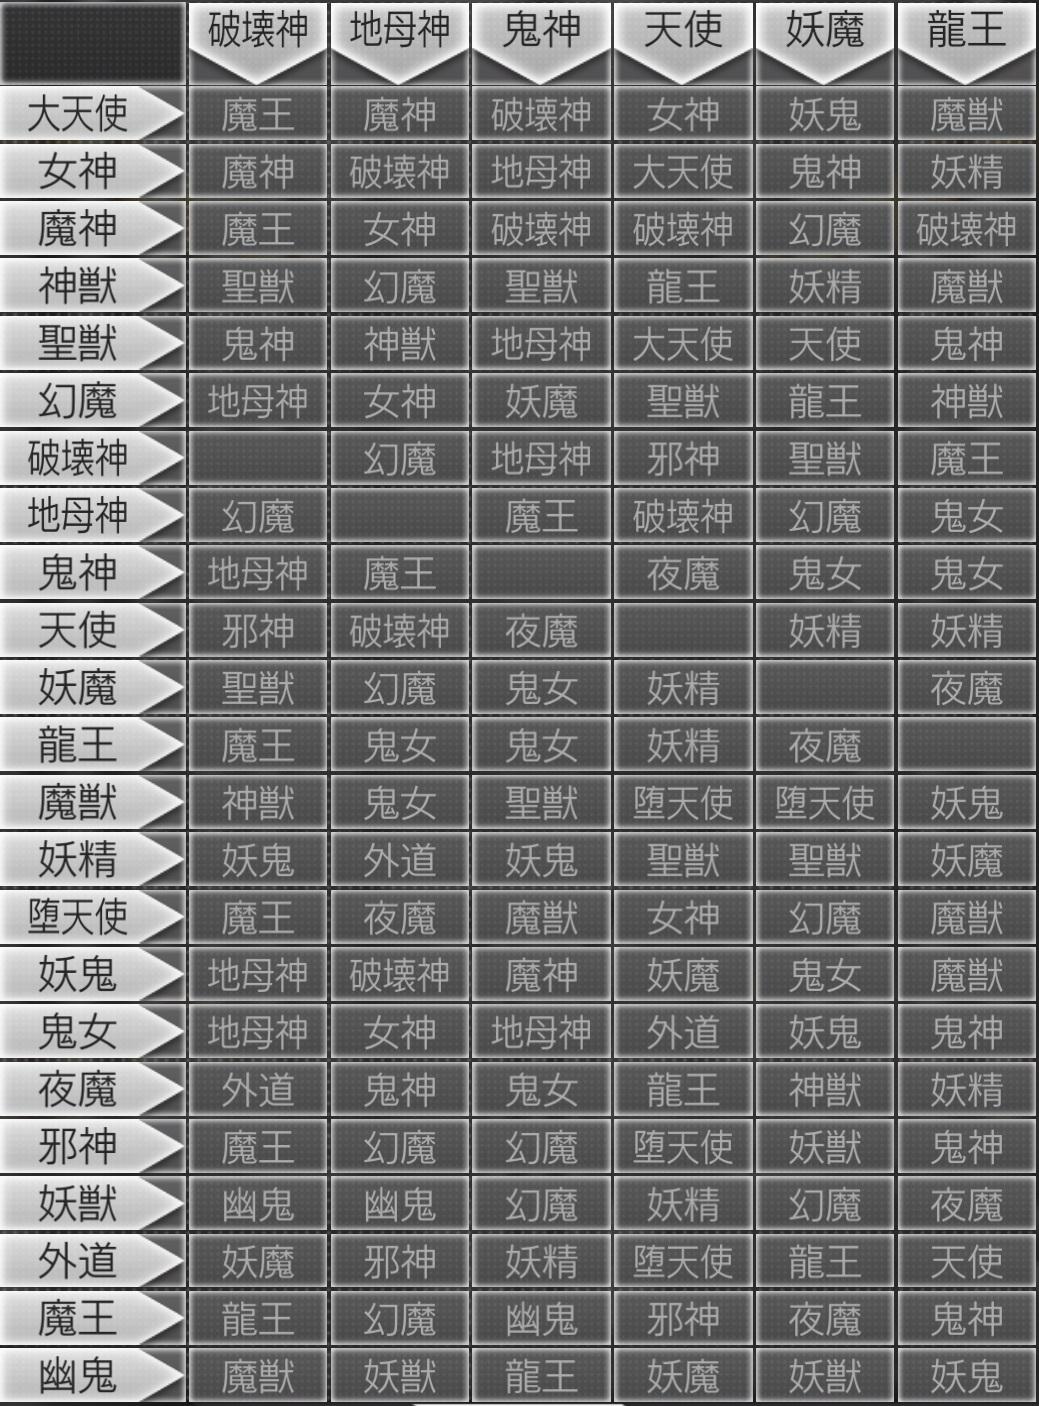 メガテンD2 合体表 破壊神~龍王